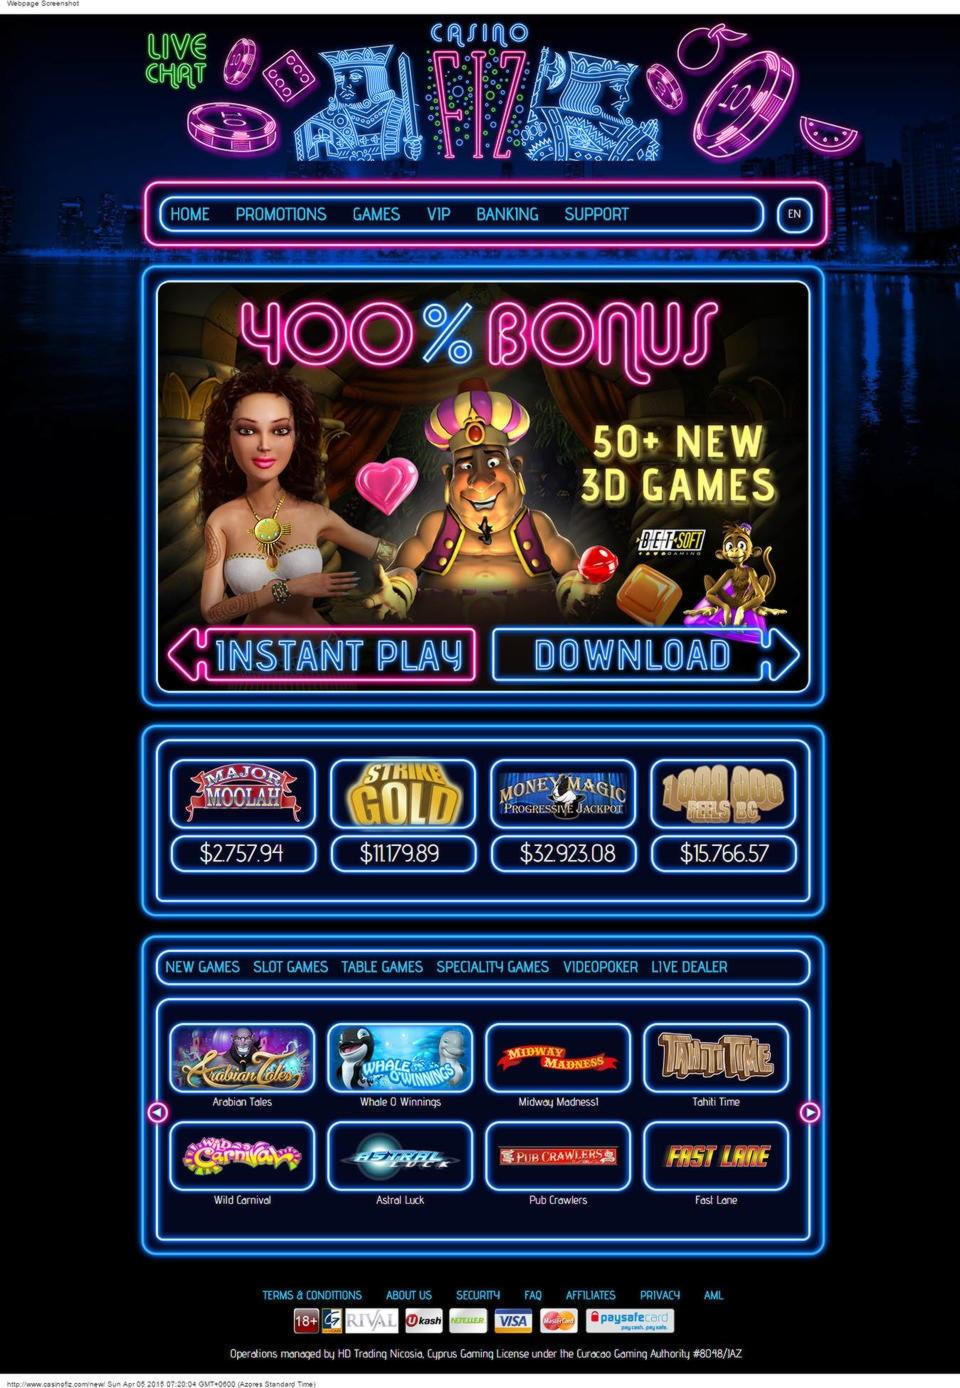 15 FREE SPINS at Gaming Club Casino